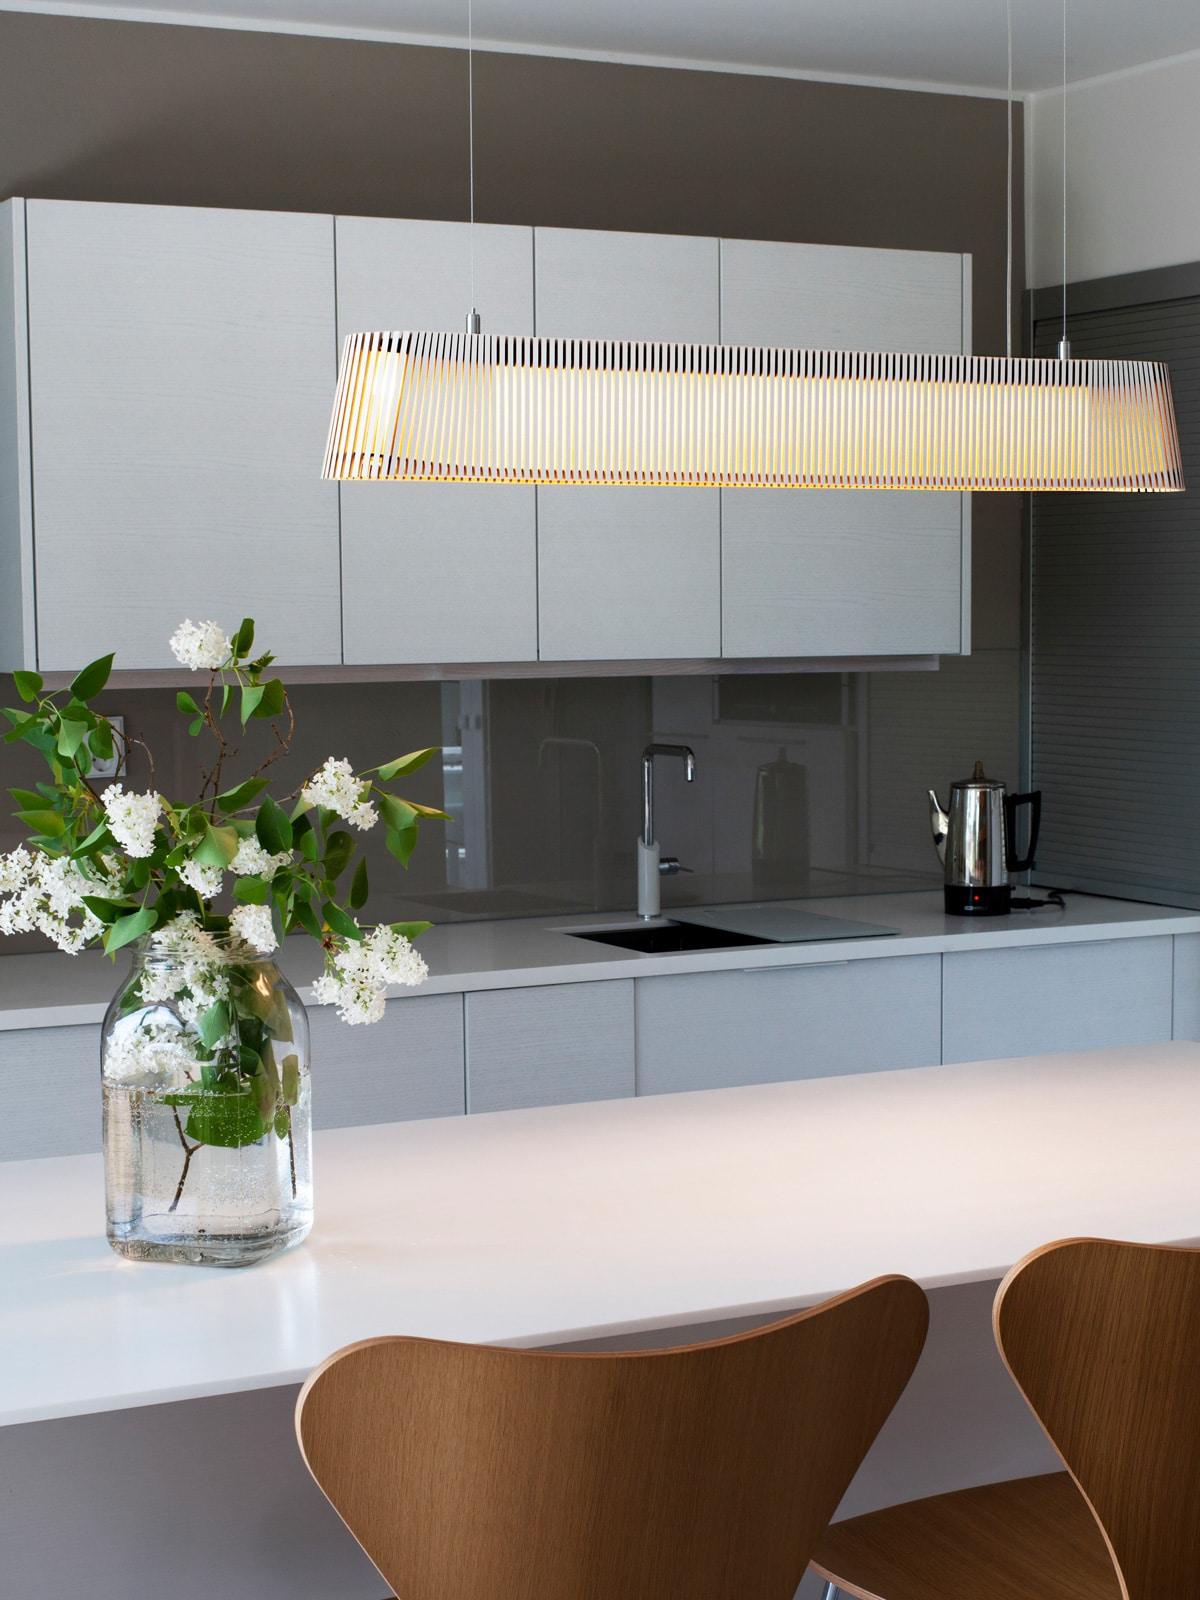 DesignOrt Blog: Pendelleuchten für den Esstisch, Owalo 7000 lange Leuchte Secto Design